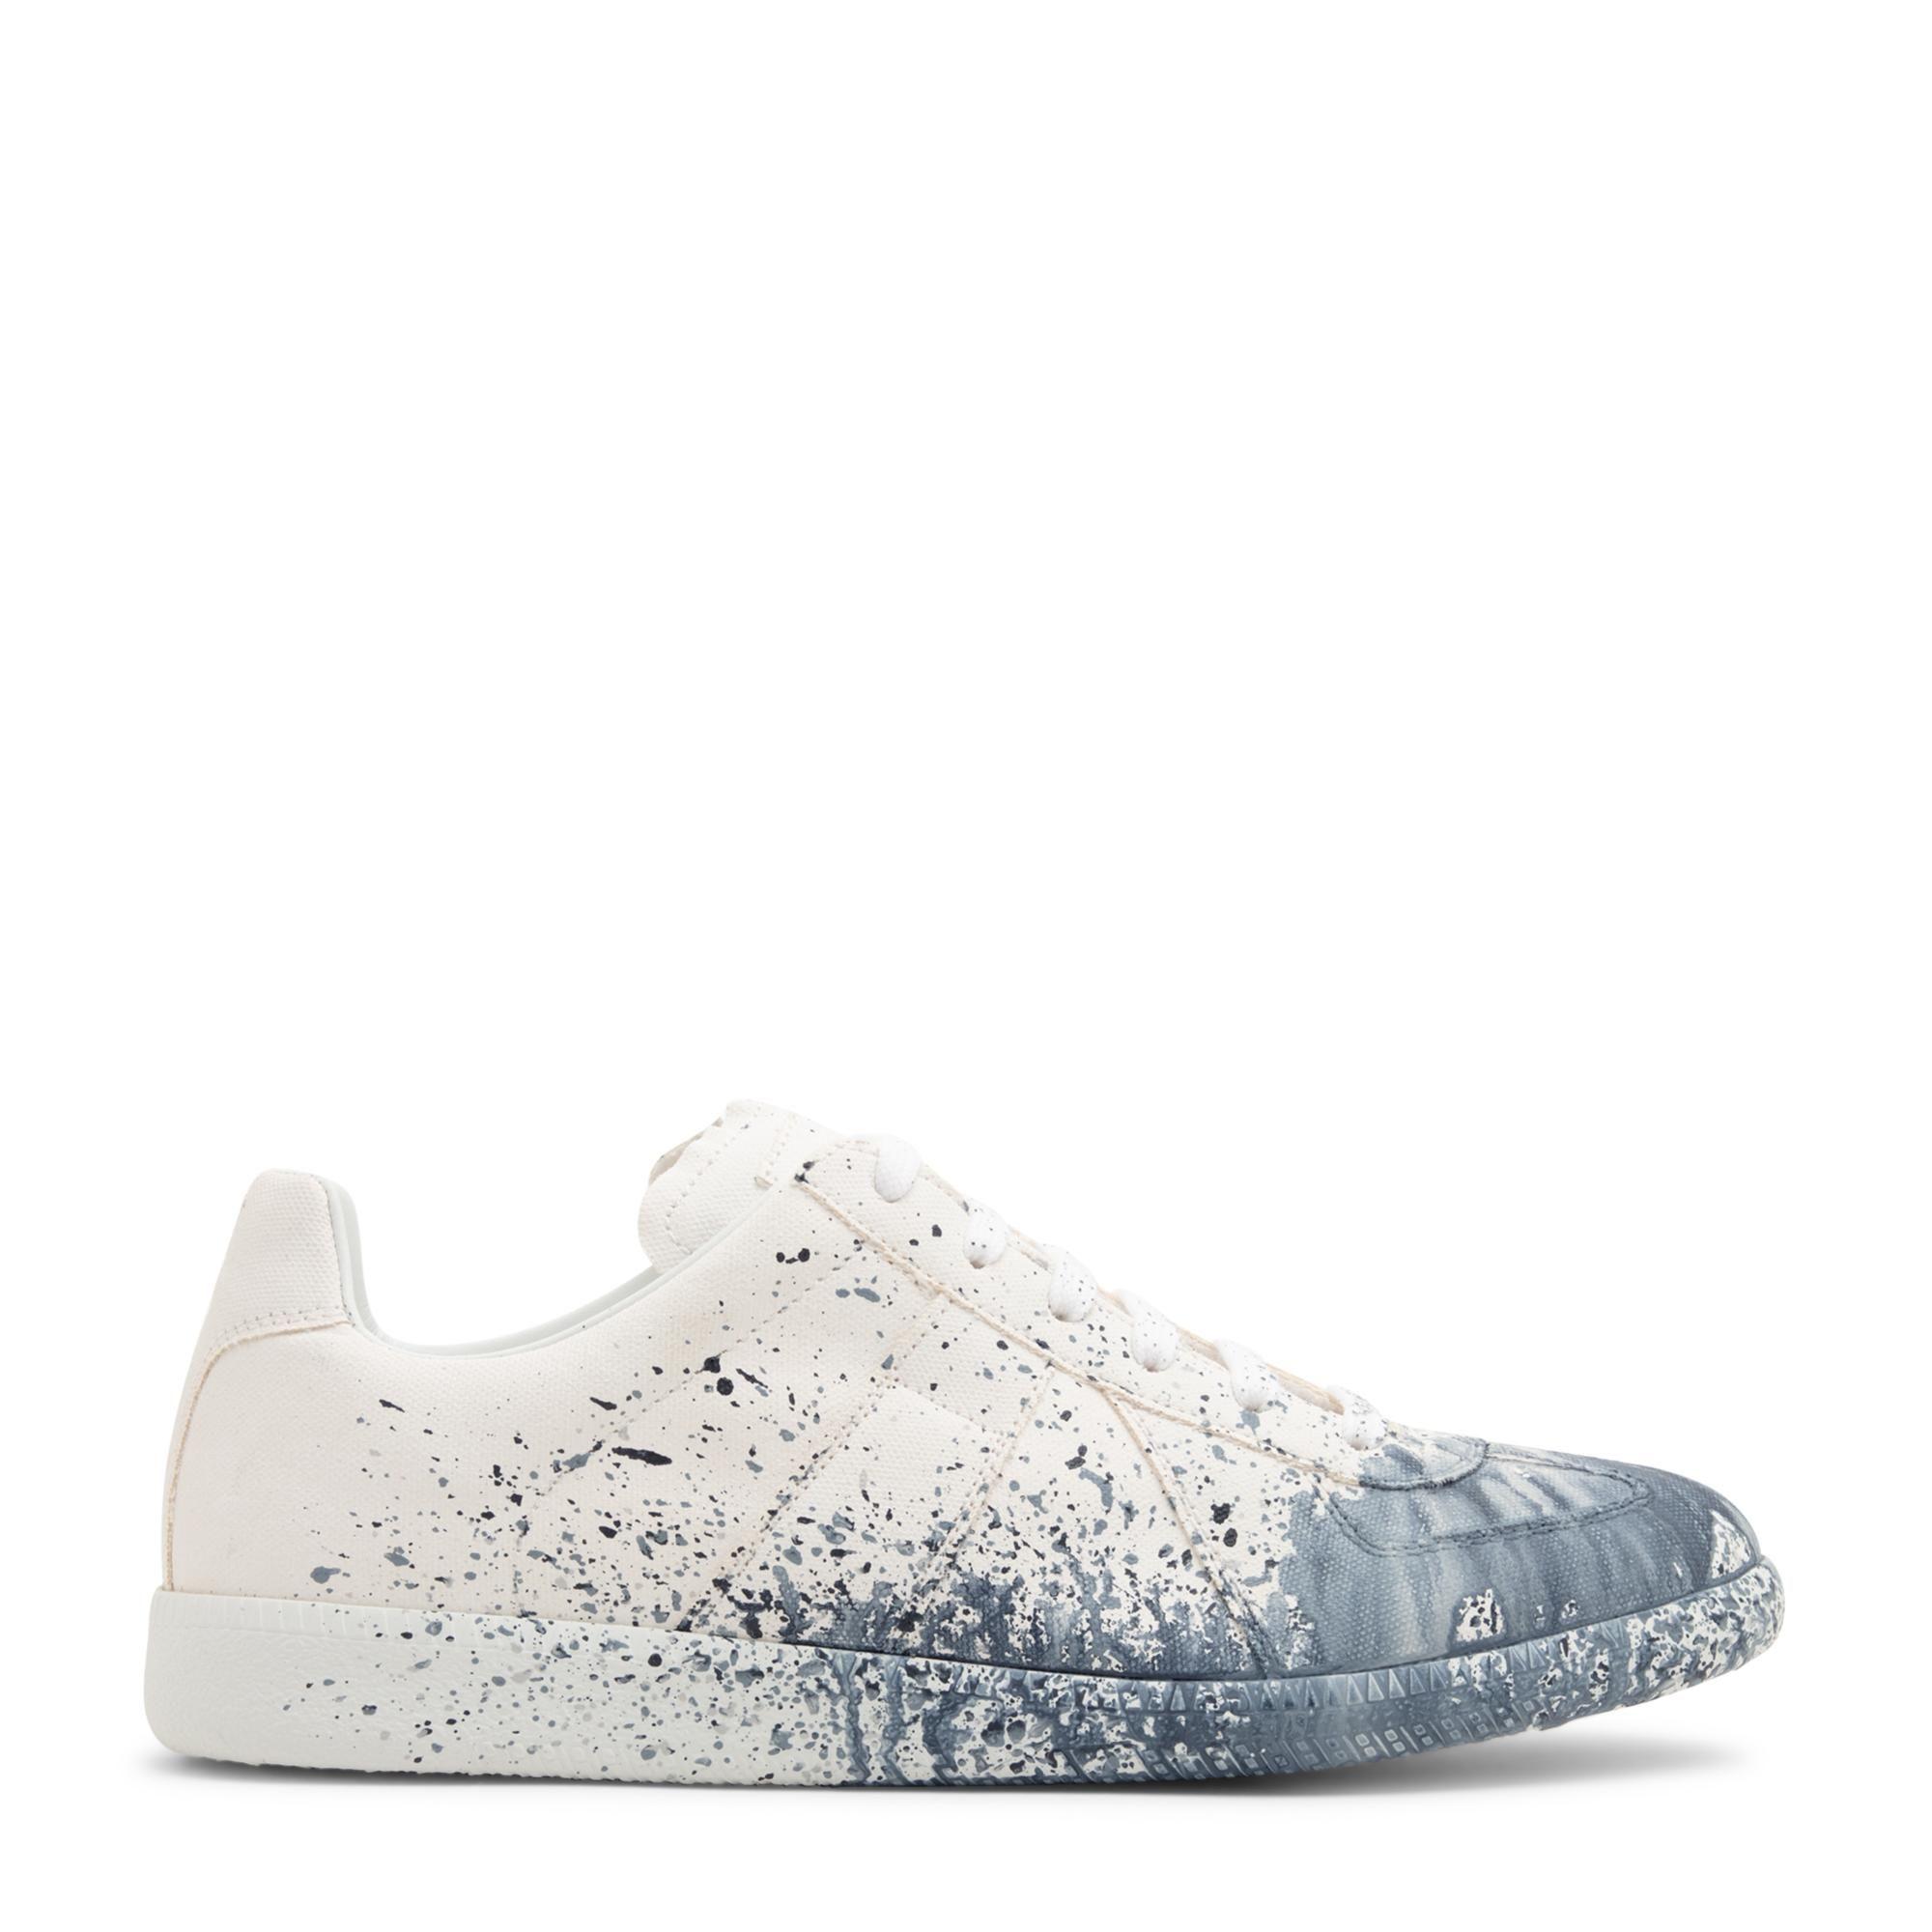 Replica painter sneakers